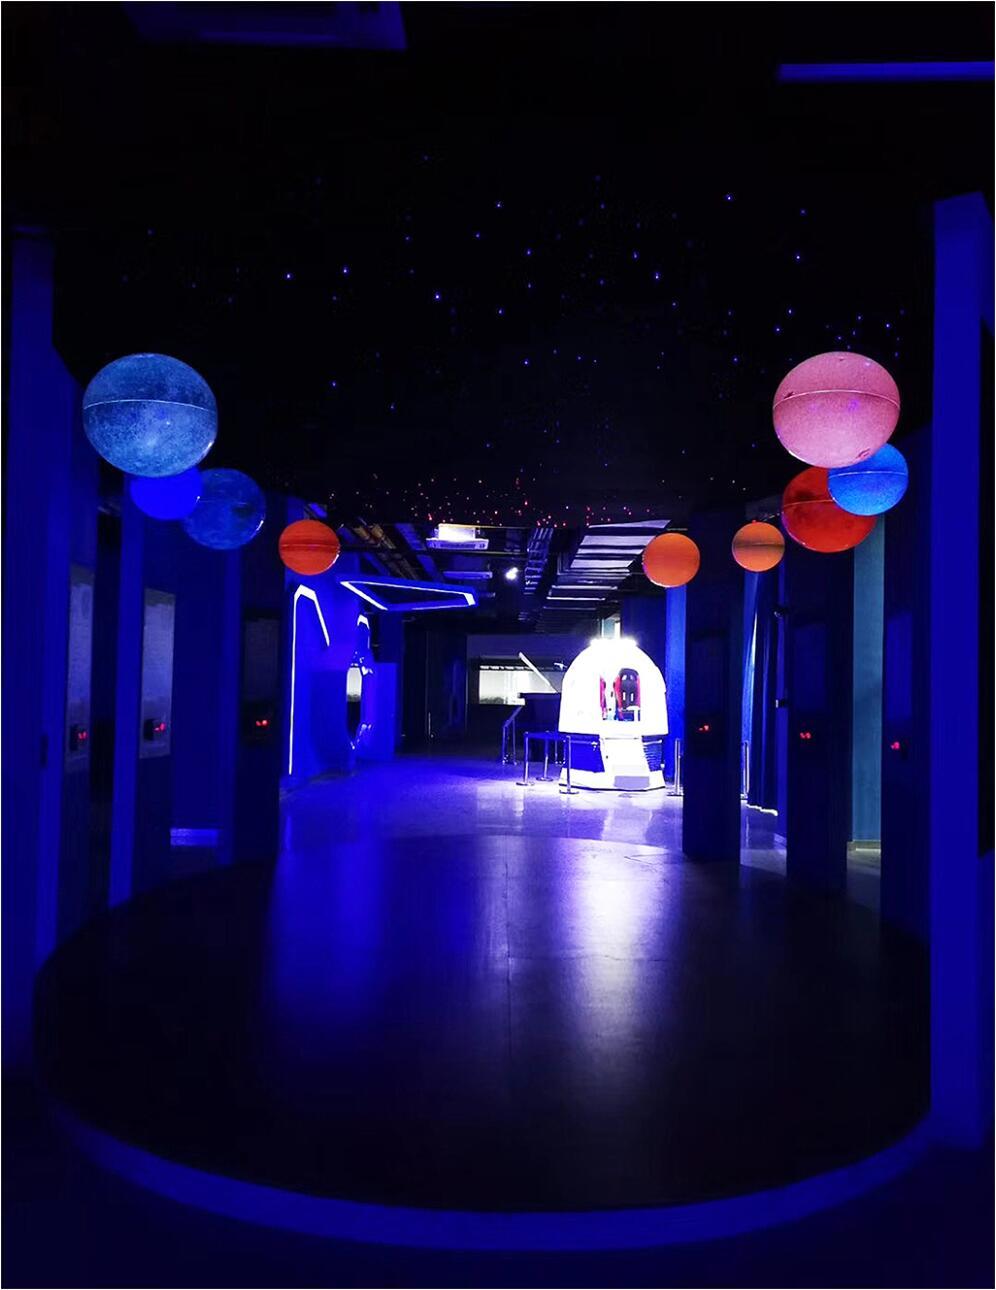 航天科技馆艺术展馆